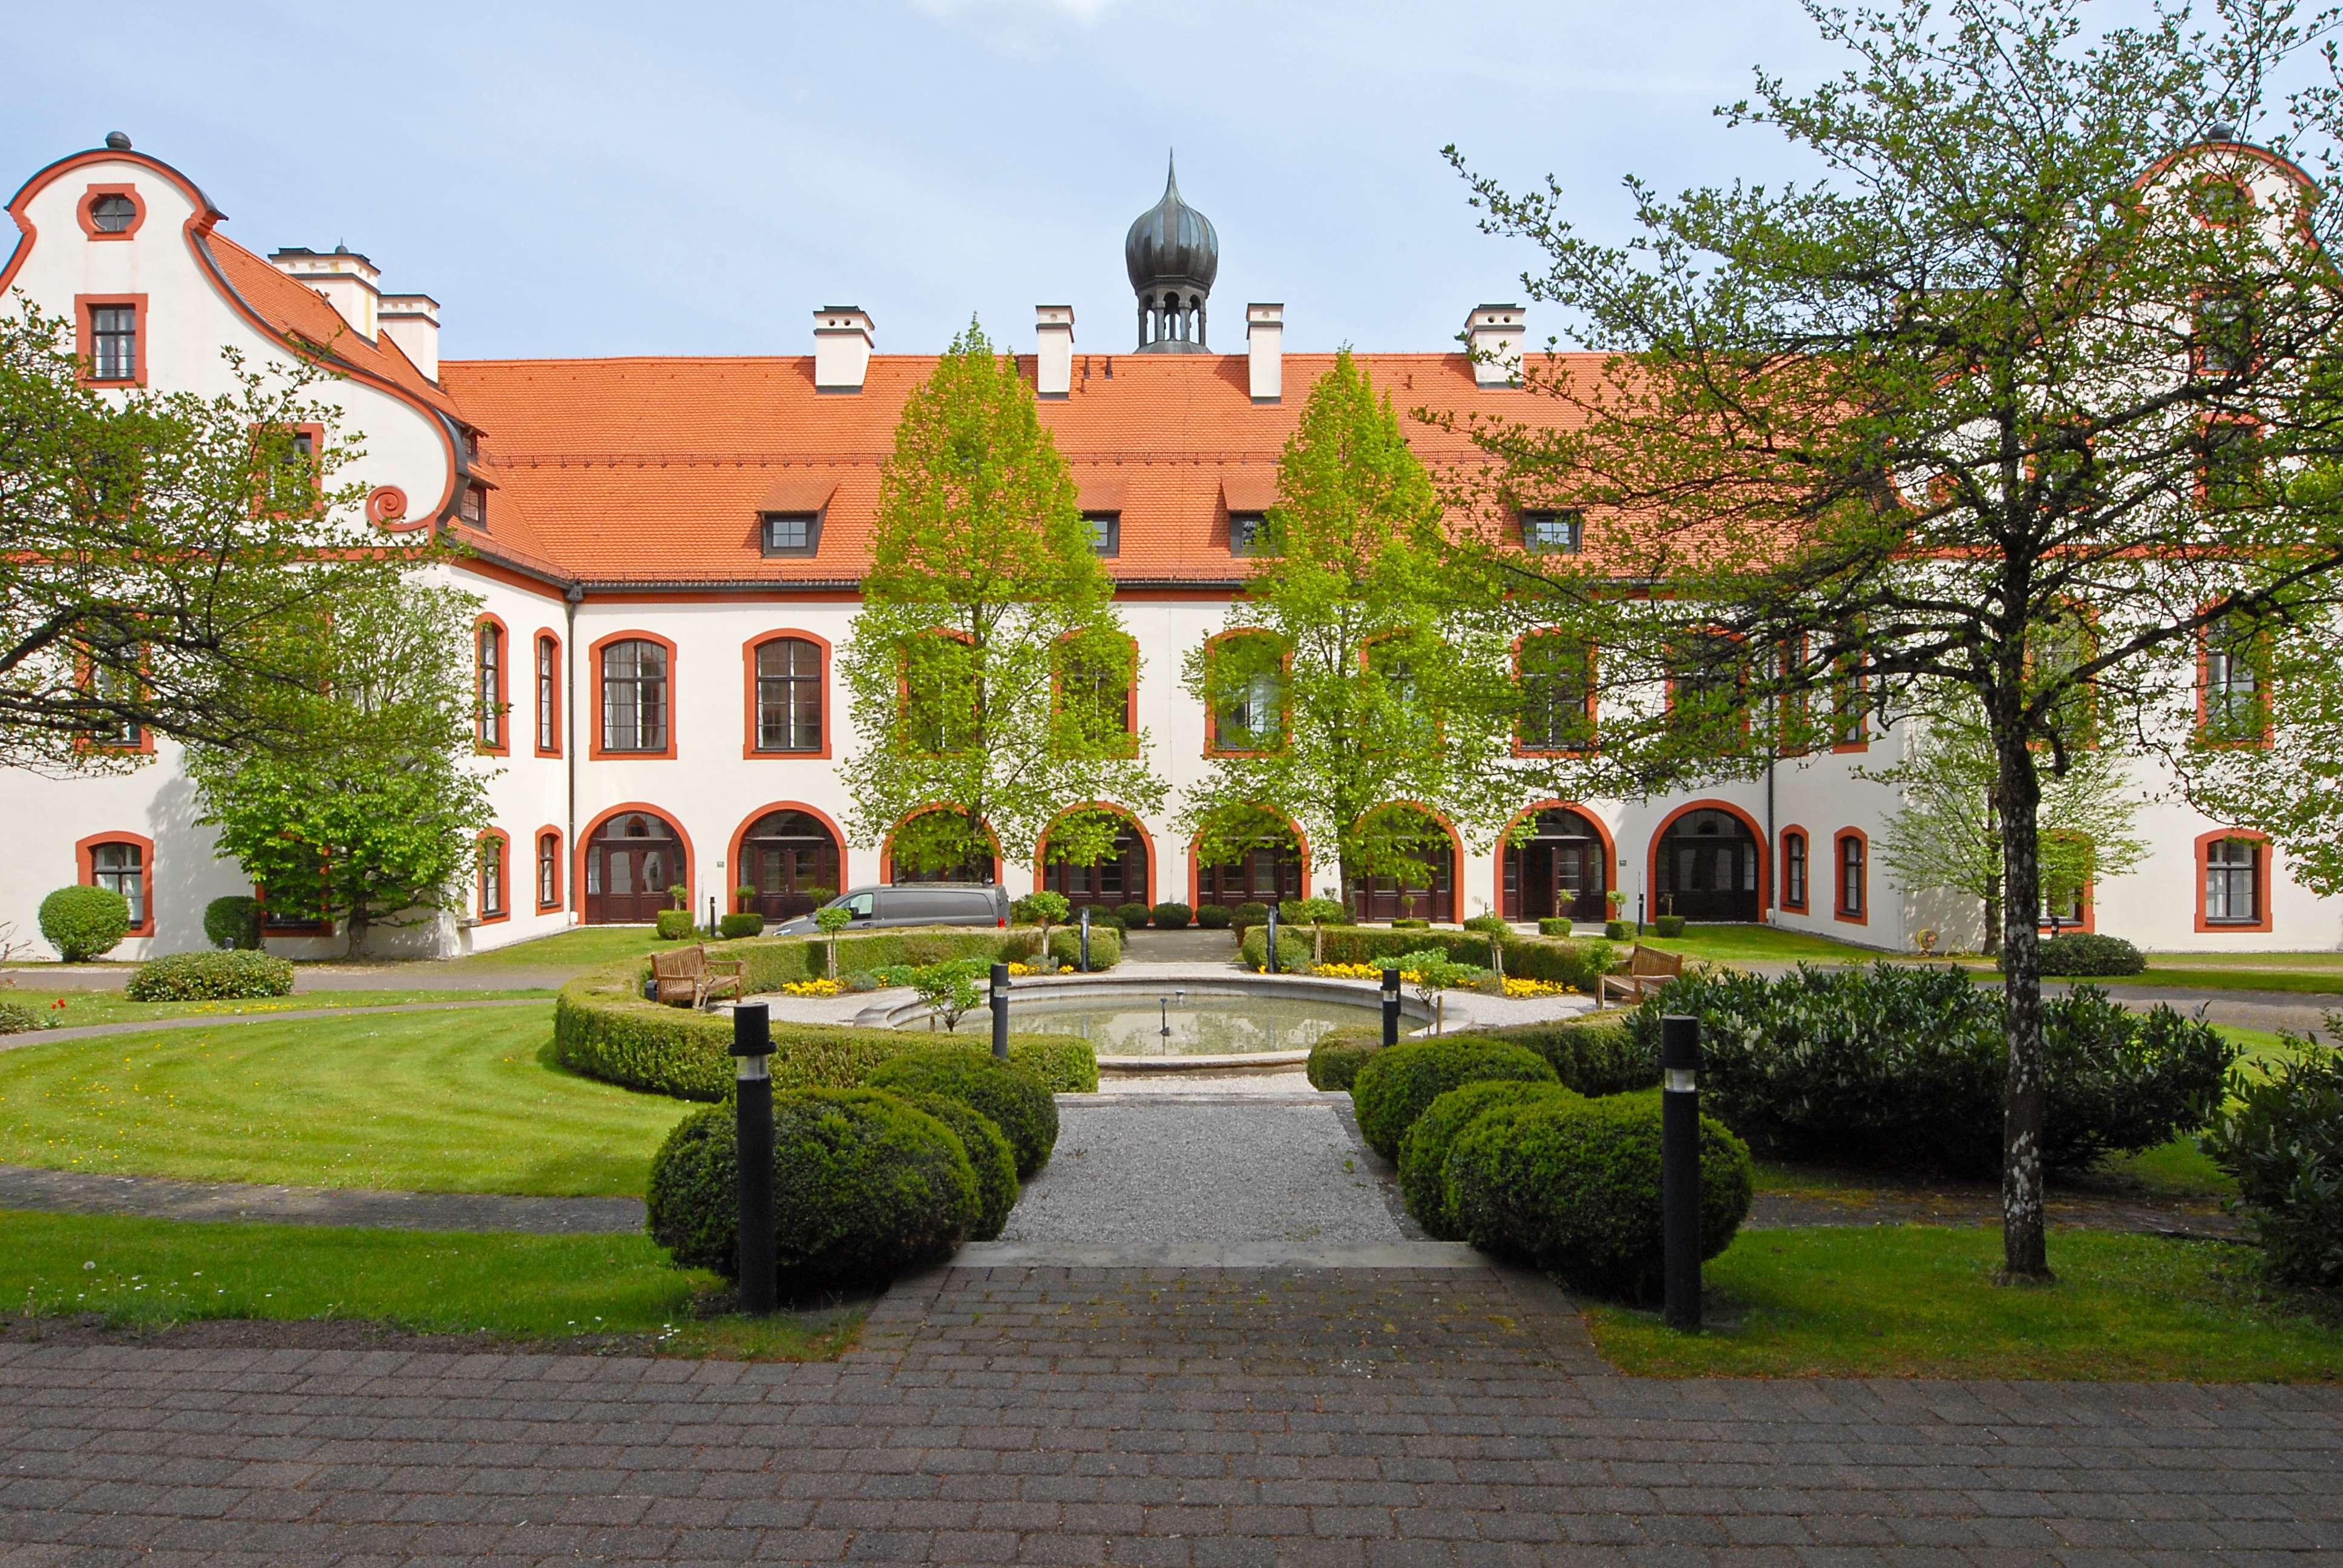 **Rarität** Beletage -Wohntraum auf zwei Ebenen in absolut malerischer Umgebung Eurasburg in Eurasburg (Bad Tölz-Wolfratshausen)